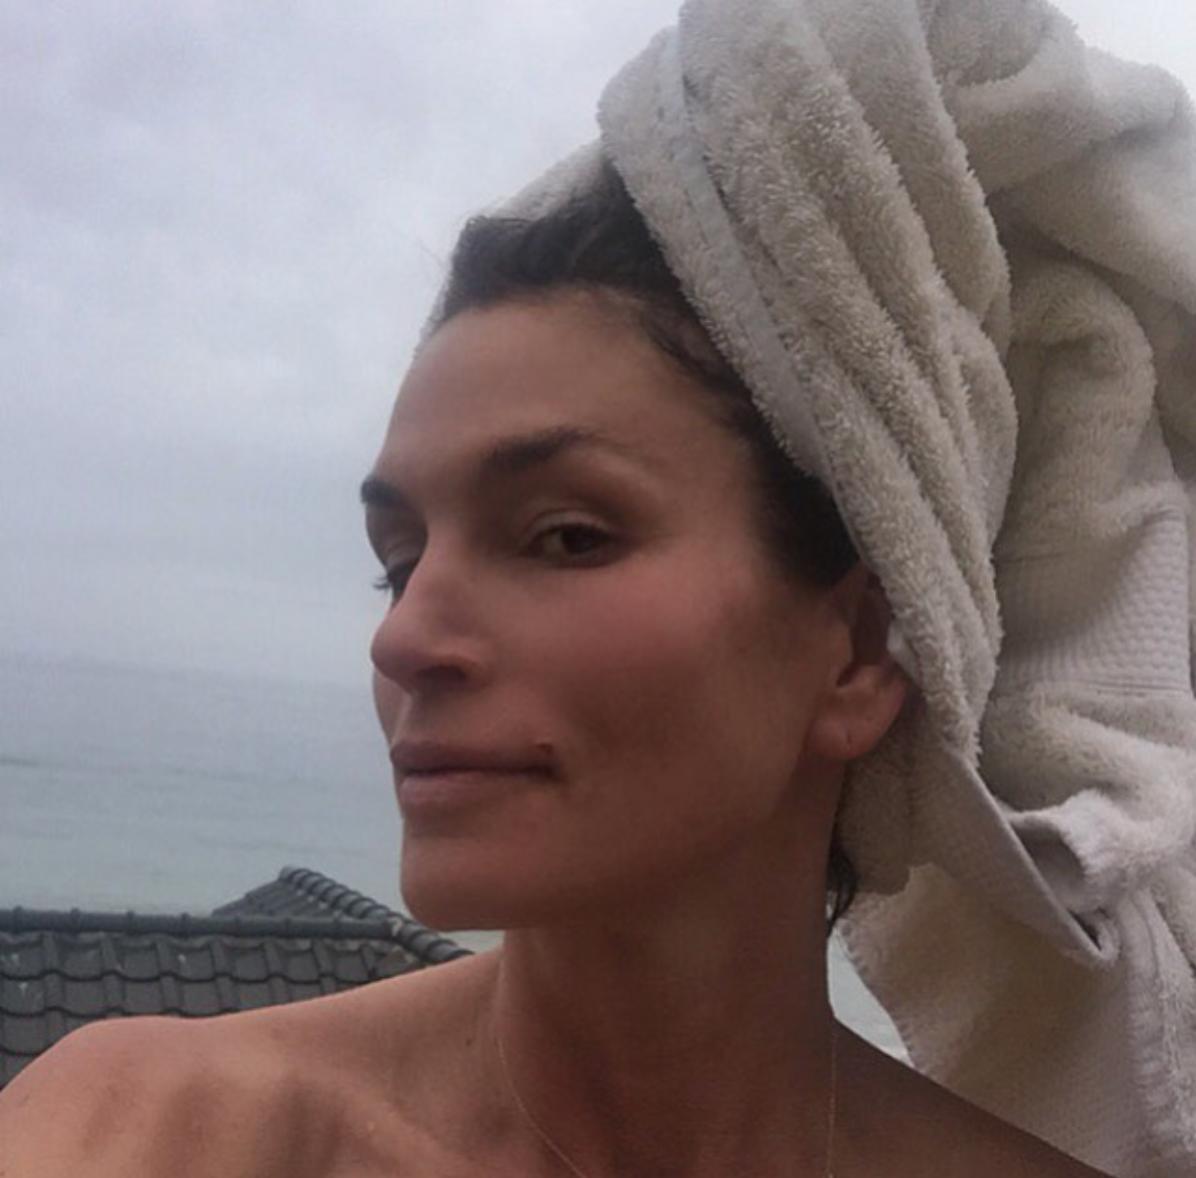 Sideboobs Fiona Falkiner nude (85 photo), Topless, Hot, Selfie, cleavage 2020